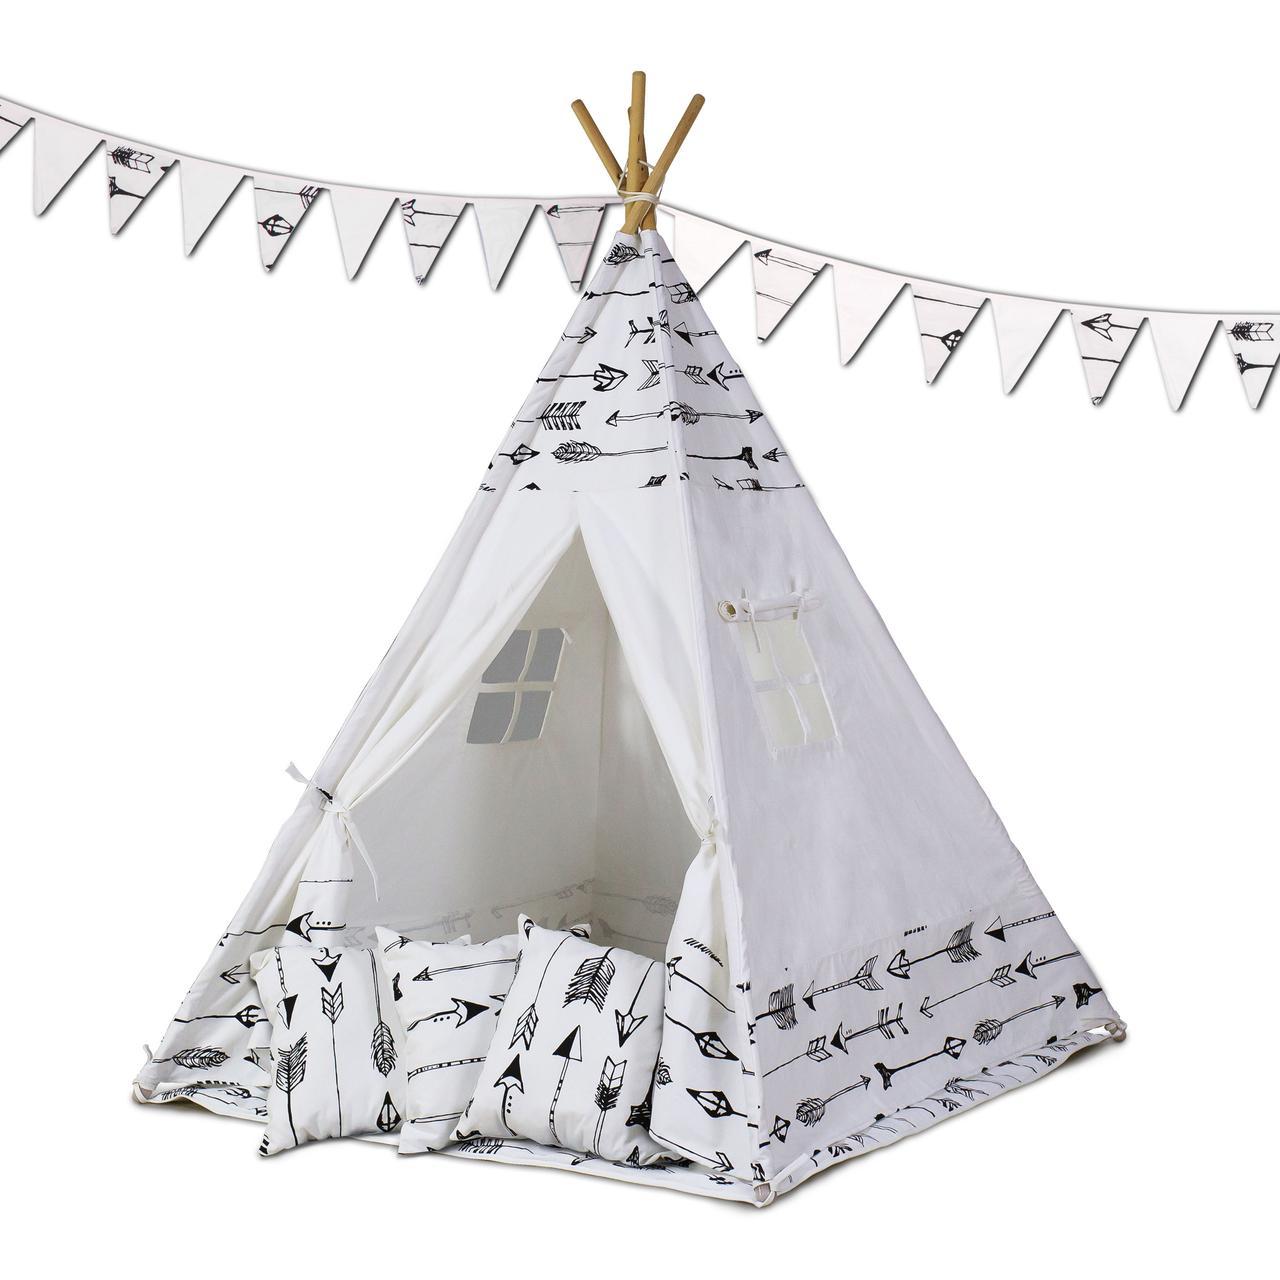 Палатка типи детская + коврик + подушки - белый